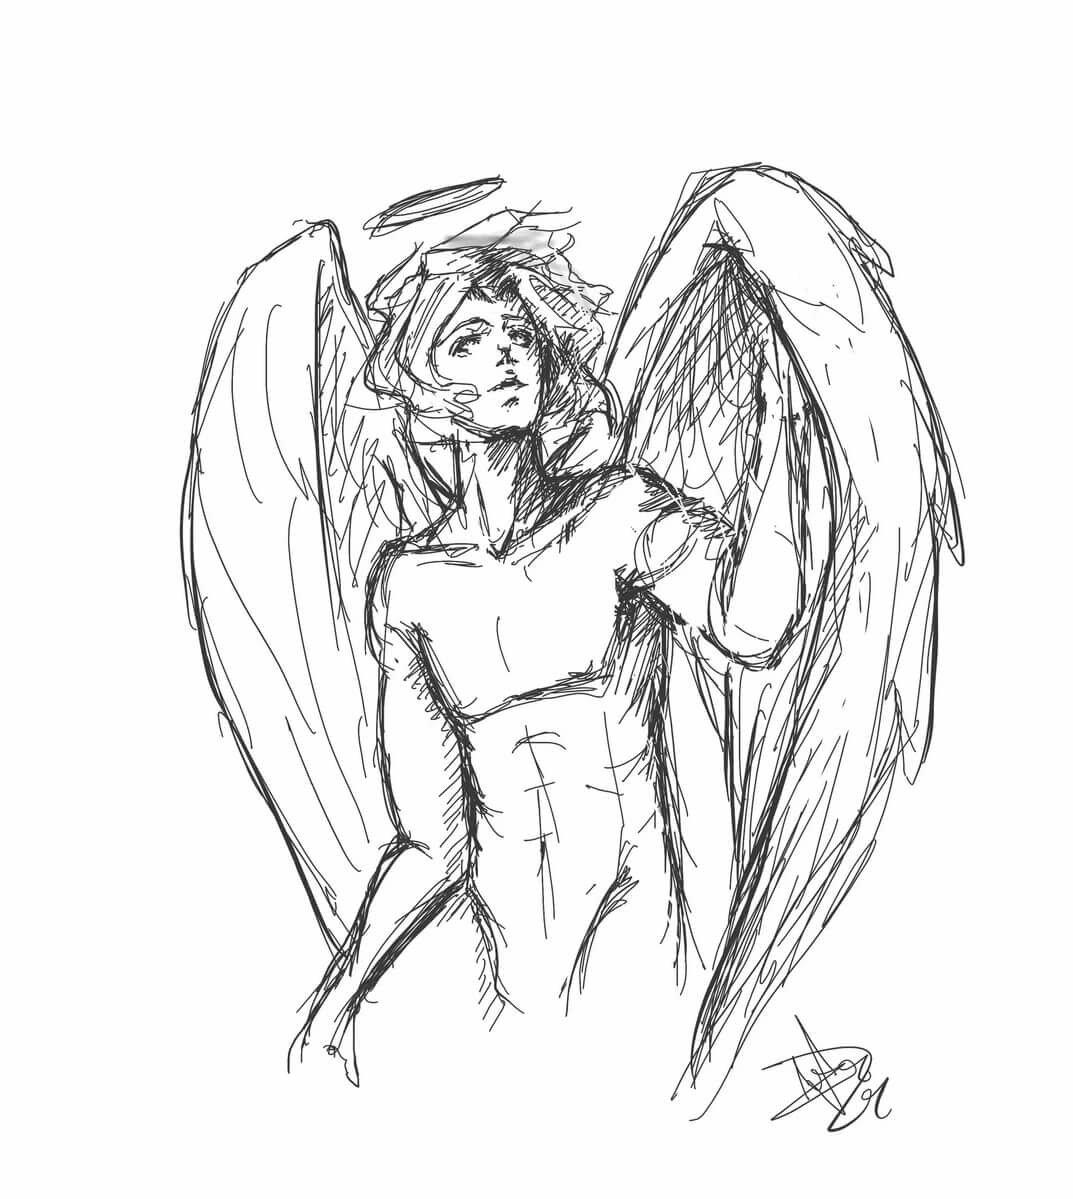 Картинки дьявола и ангела для срисовки